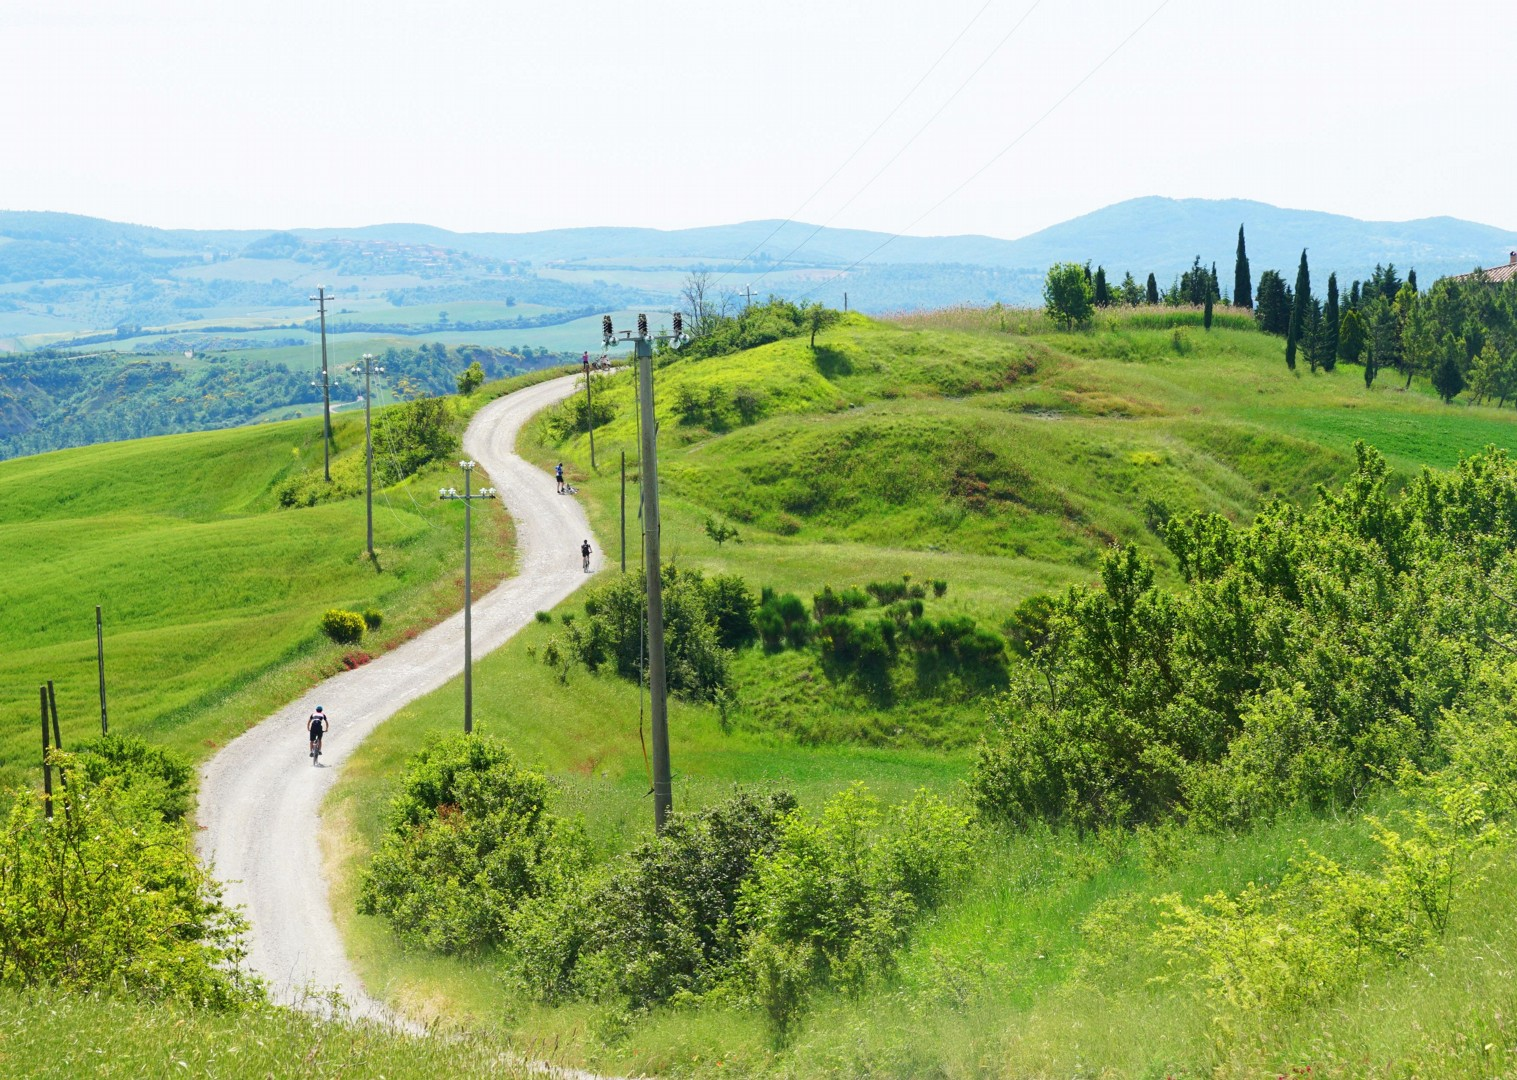 _Holiday.863.18909.jpg - Italy - Via Francigena (Tuscany to Rome) - Guided Mountain Biking Holiday - Mountain Biking